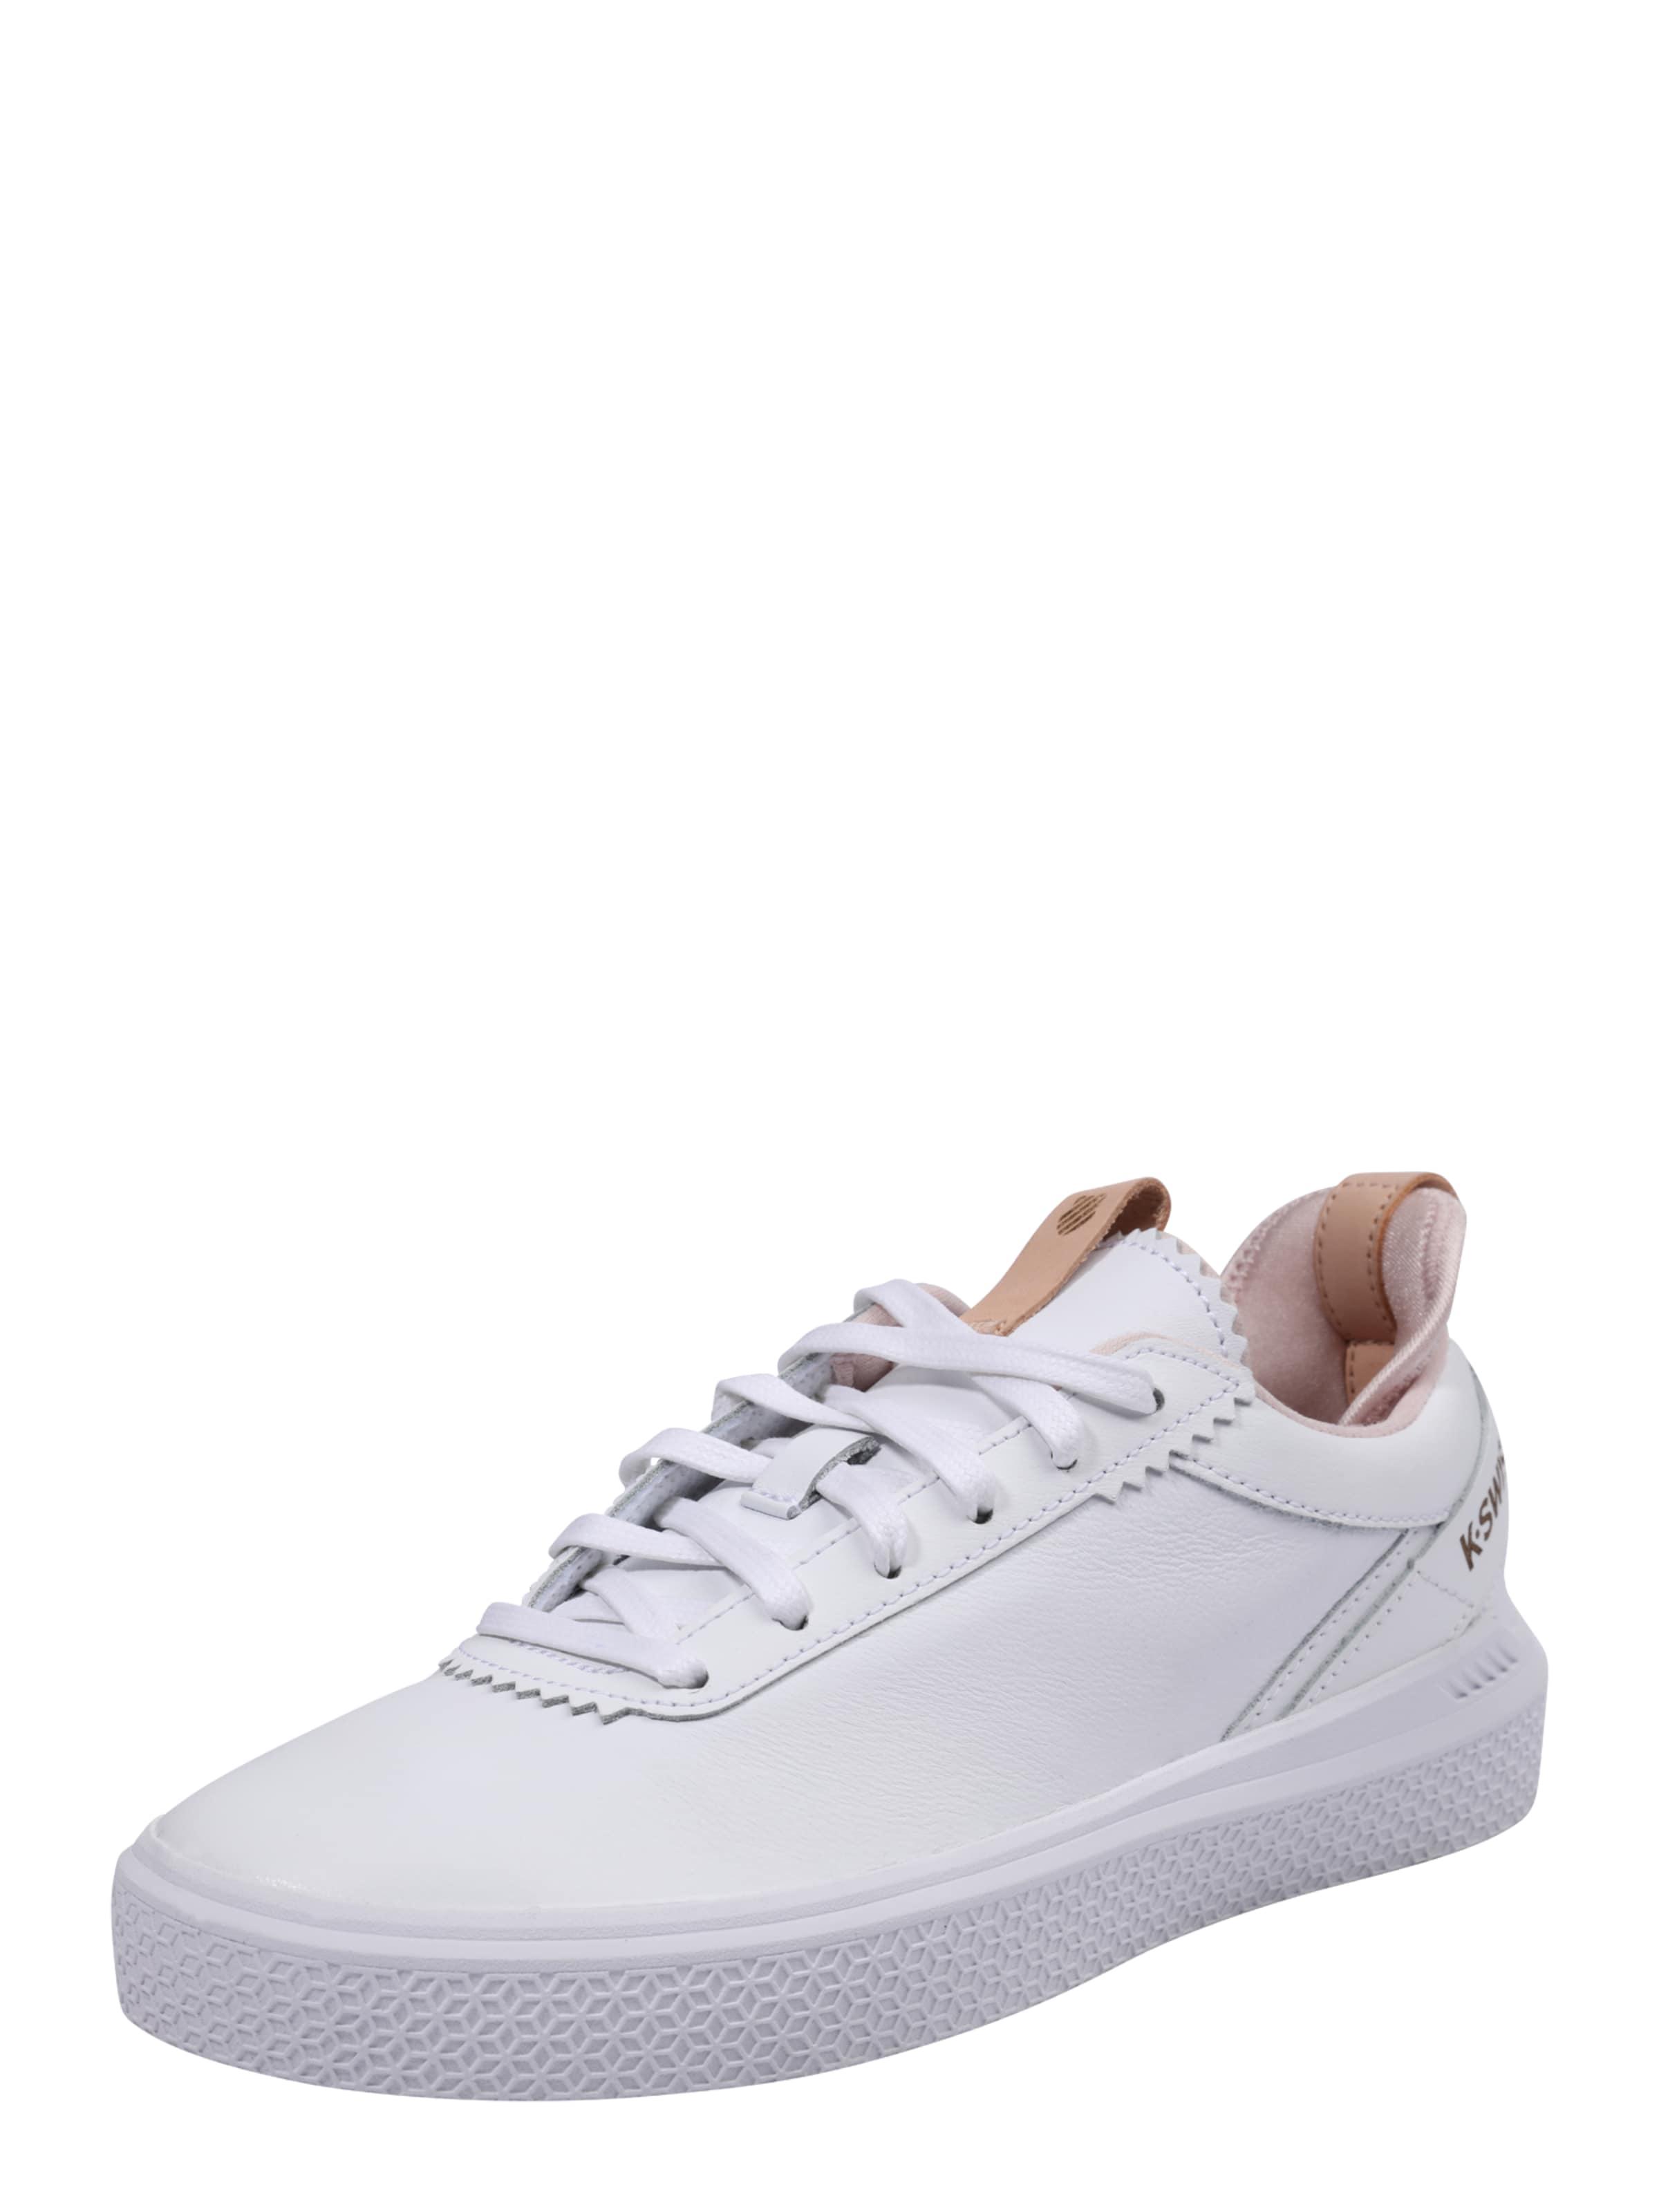 K-SWISS Sneaker 'Dani' Rabatt Eastbay Schnelle Lieferung Online Amazonas Mit Mastercard AeEEYF